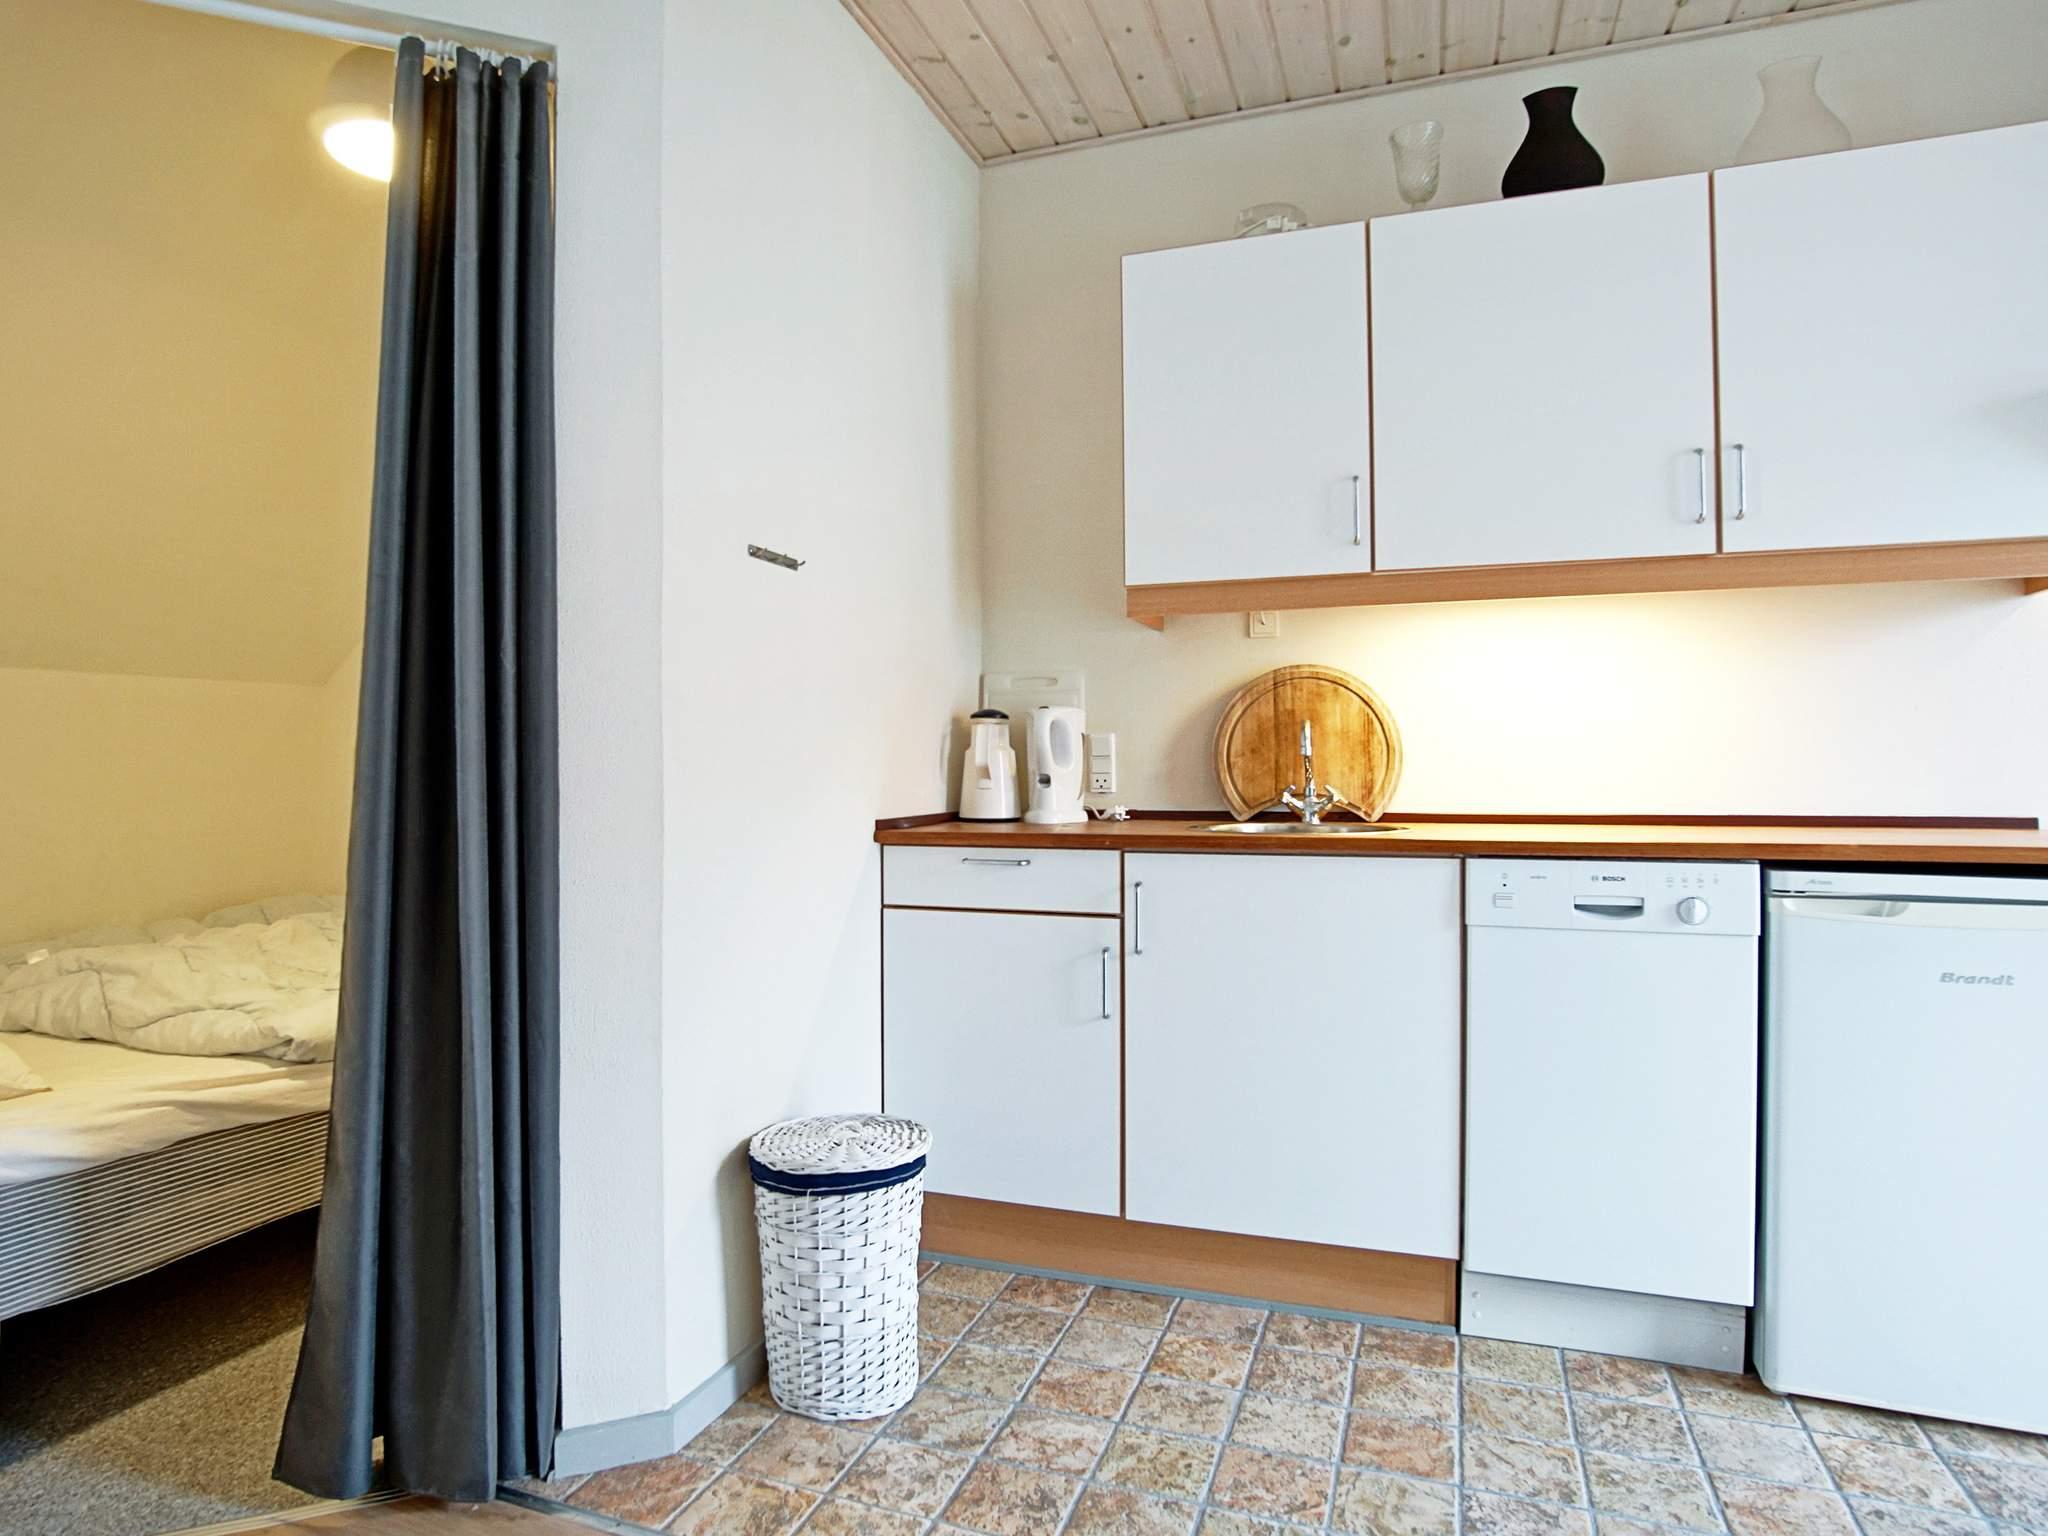 Ferienhaus Gudhjem (385016), Gudhjem, , Bornholm, Dänemark, Bild 4